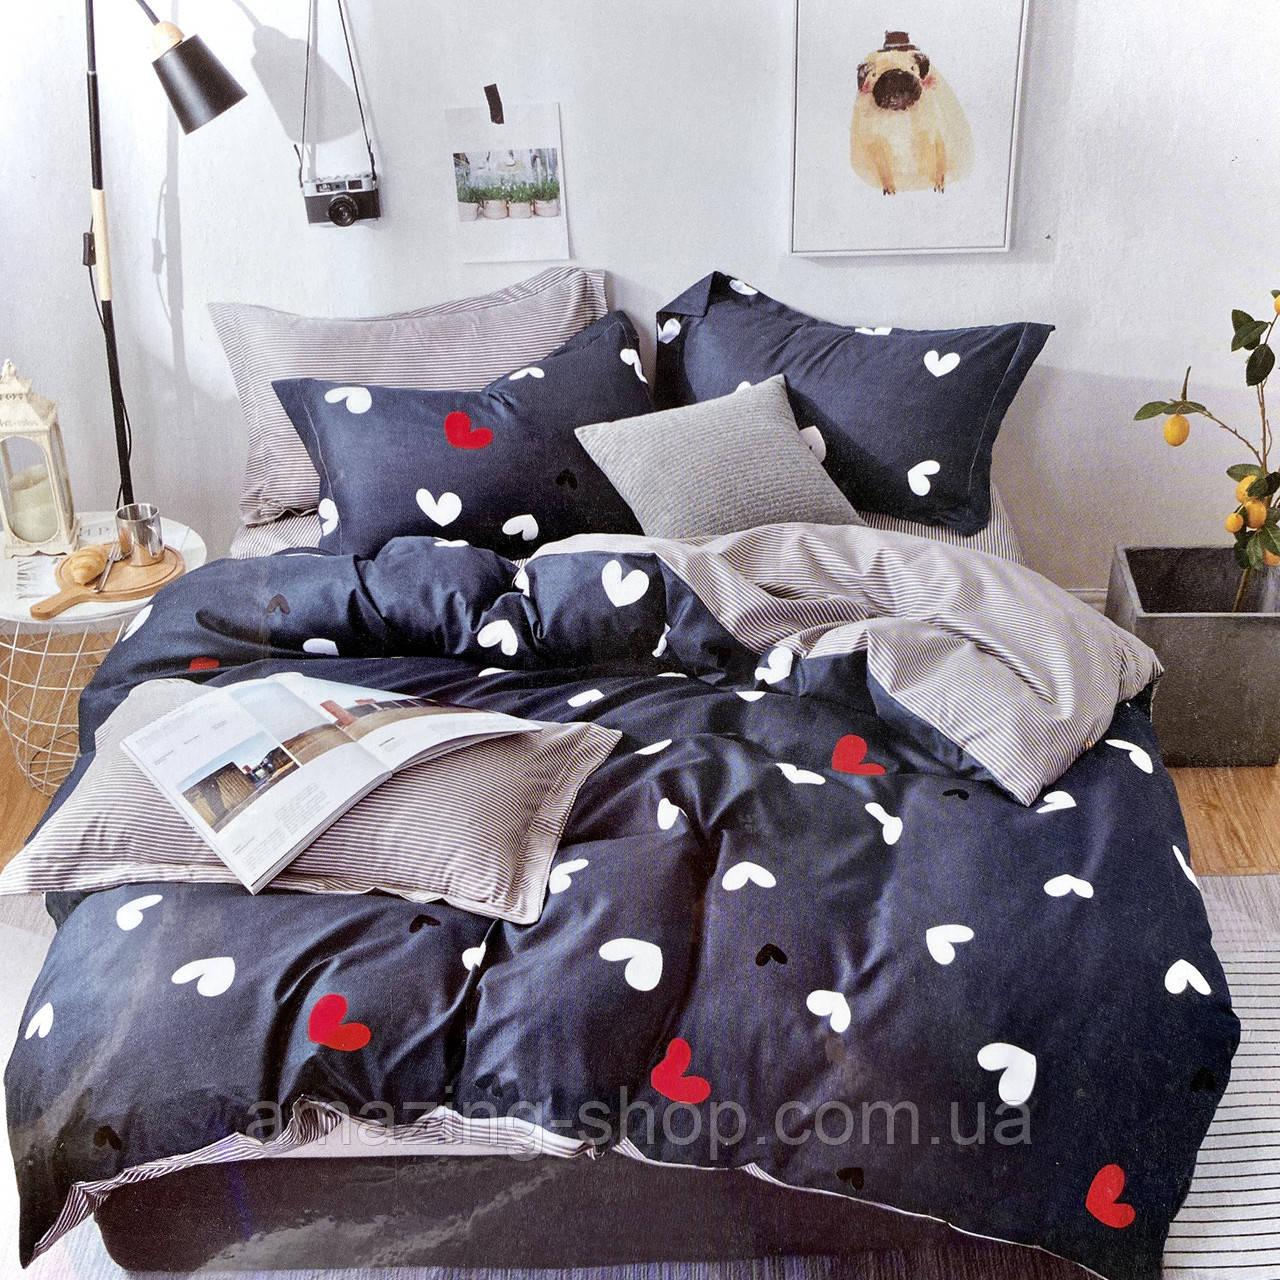 Постельное белье   Постільна білизна   Комплект постельного белья ( простынь на резинке ) Размер - Полуторный